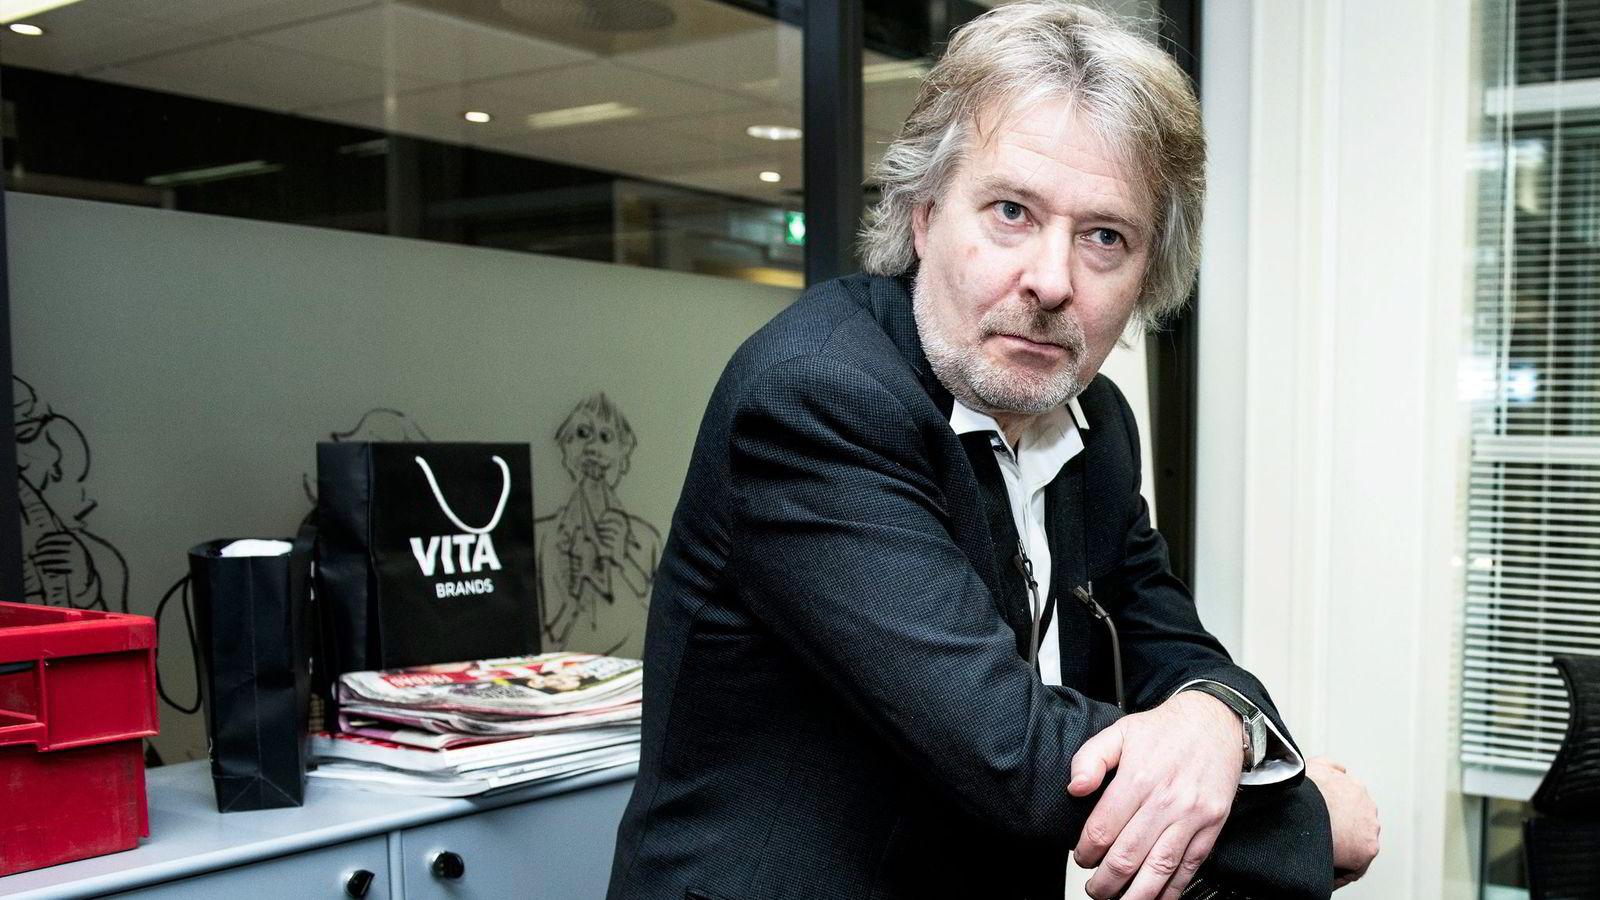 VG-sjef Torry Pedersen varsler kutt. - Det er fortsatt sånn at VG har som ambisjon å være en lønnsom bedrift, sier Pedersen.